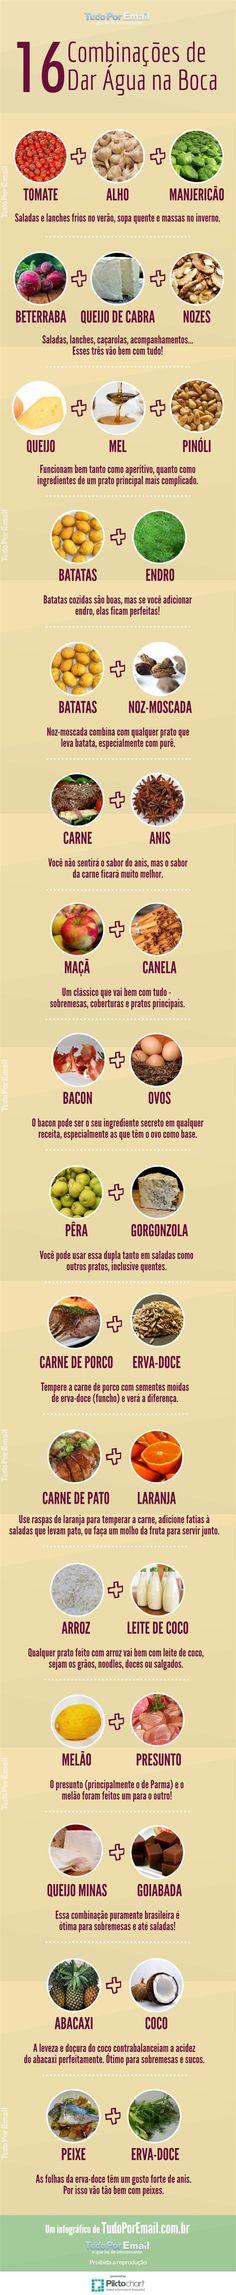 16 Combinações de Ingredientes